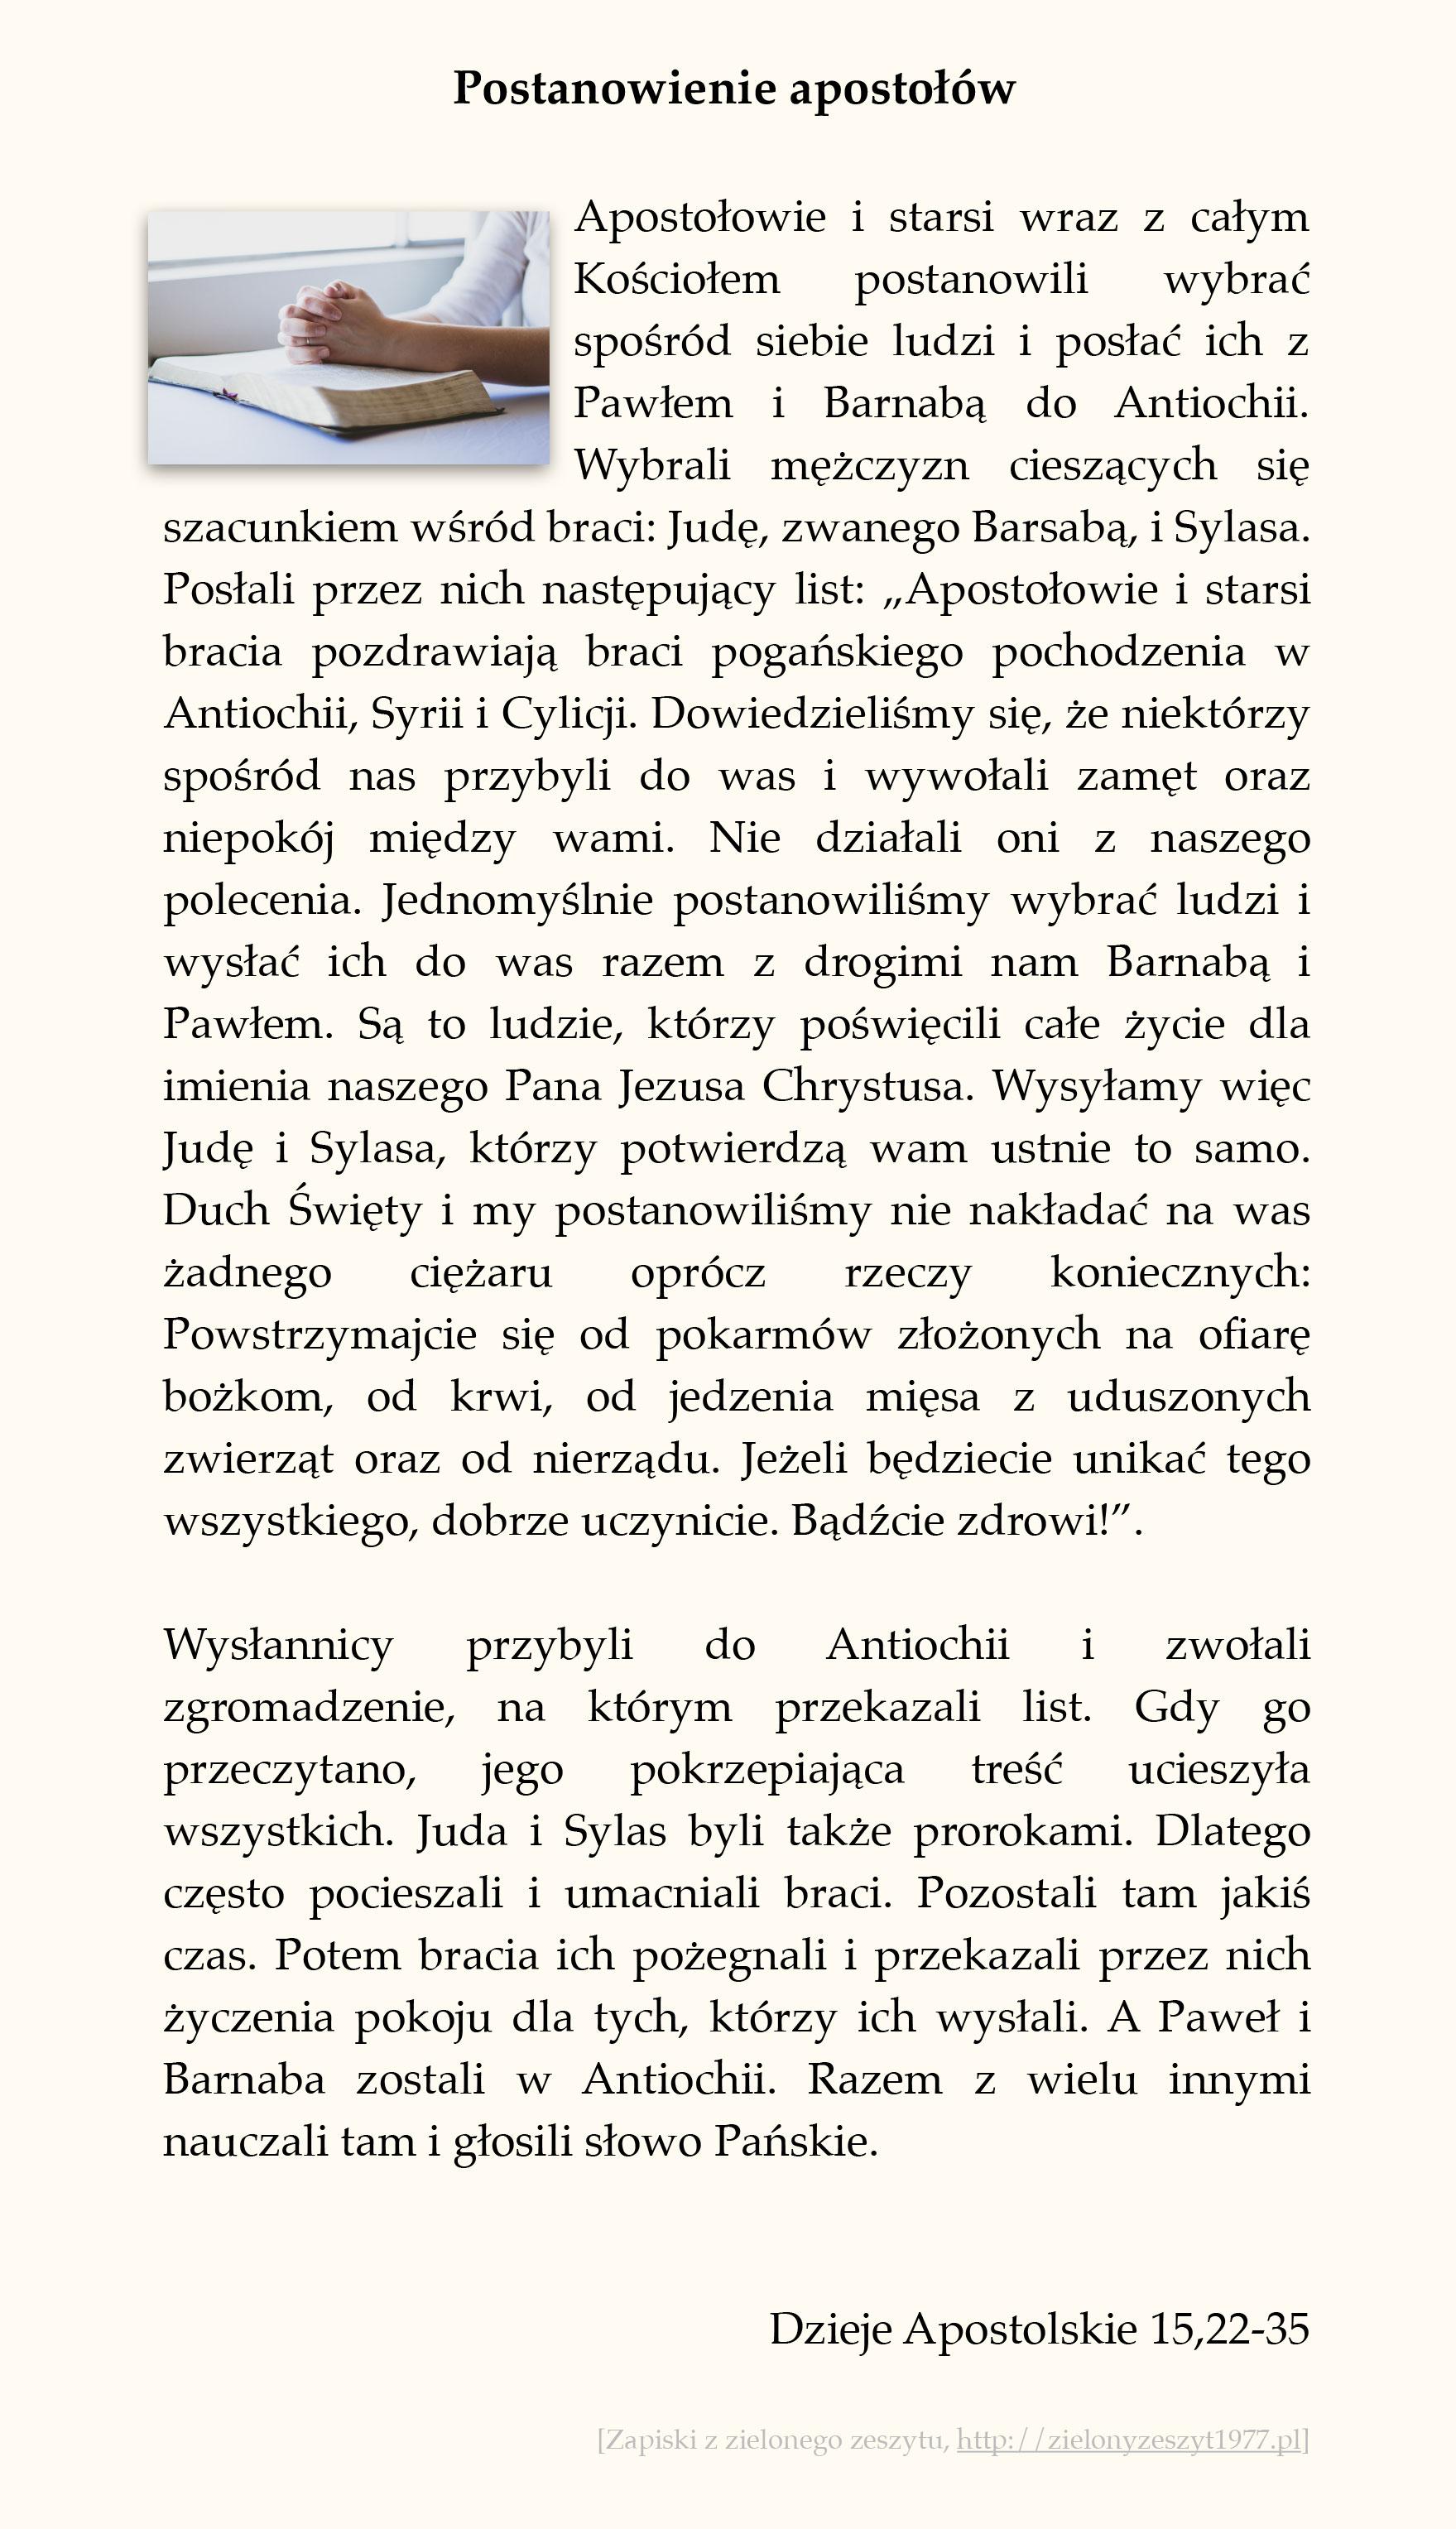 Postanowienie apostołów; Dzieje Apostolskie (#68)